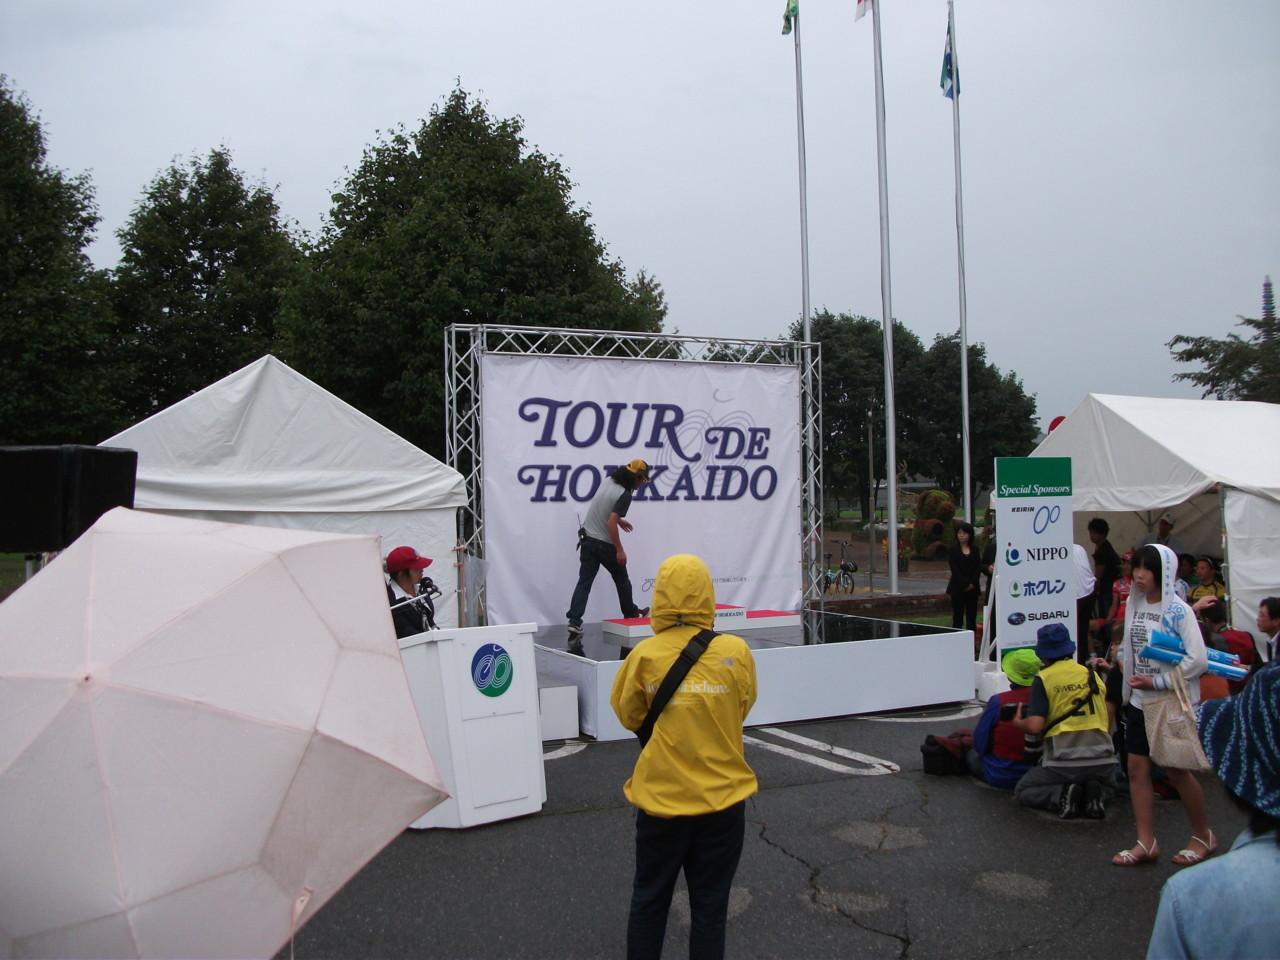 ツールド北海道2011 2日目表彰式